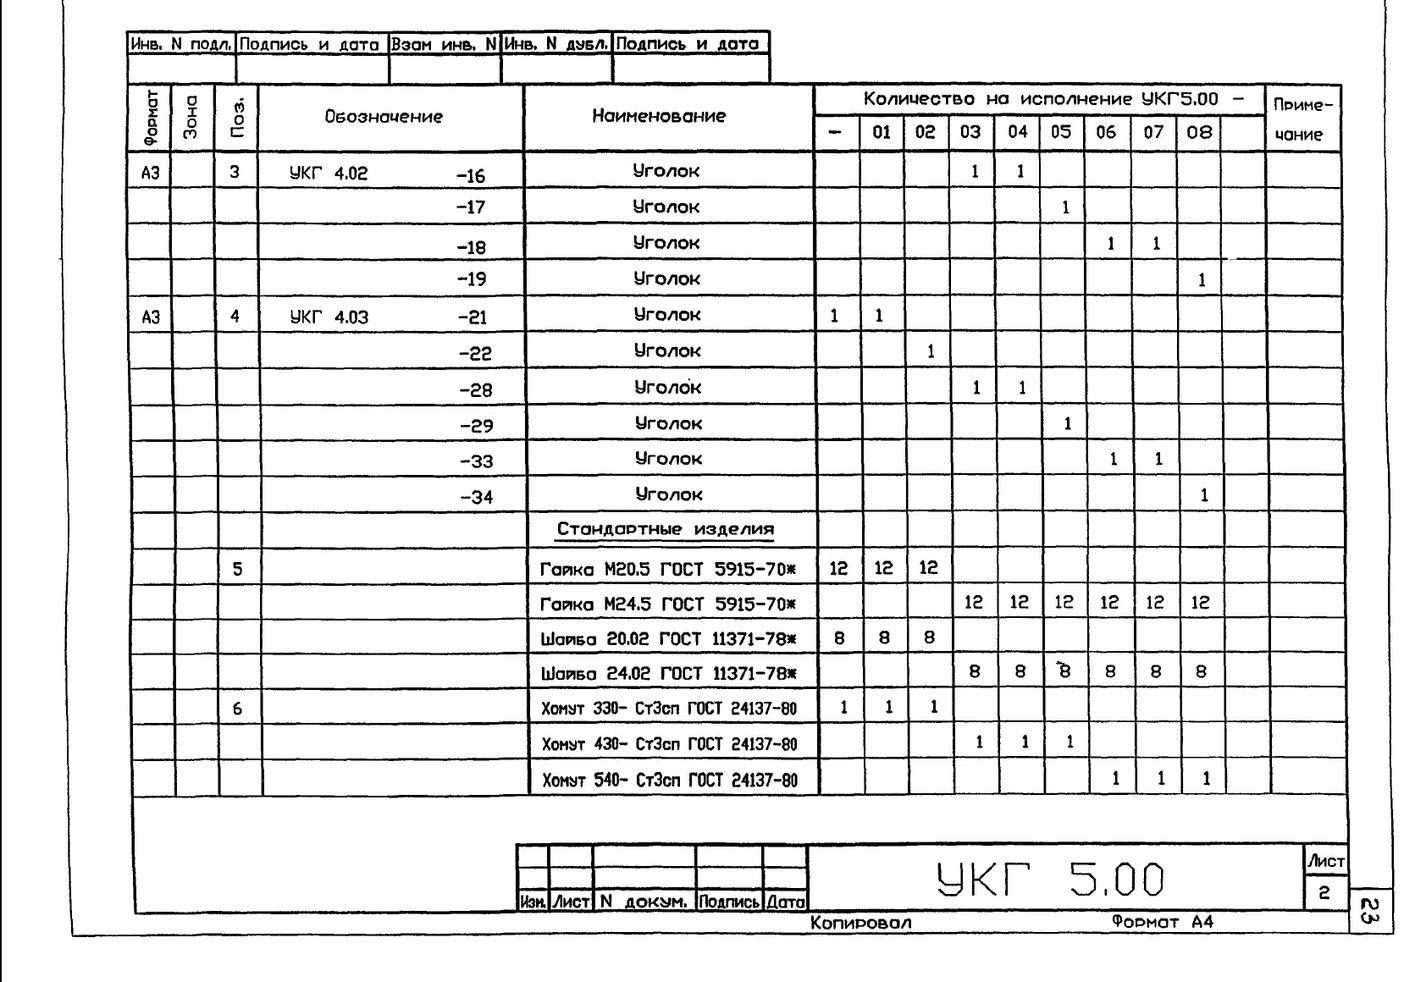 Крепление горизонтального газопровода Ду 300...500 мм к железобетонной колонне УКГ 5.00 СБ серия 5.905-18.05 выпуск 1 стр.3